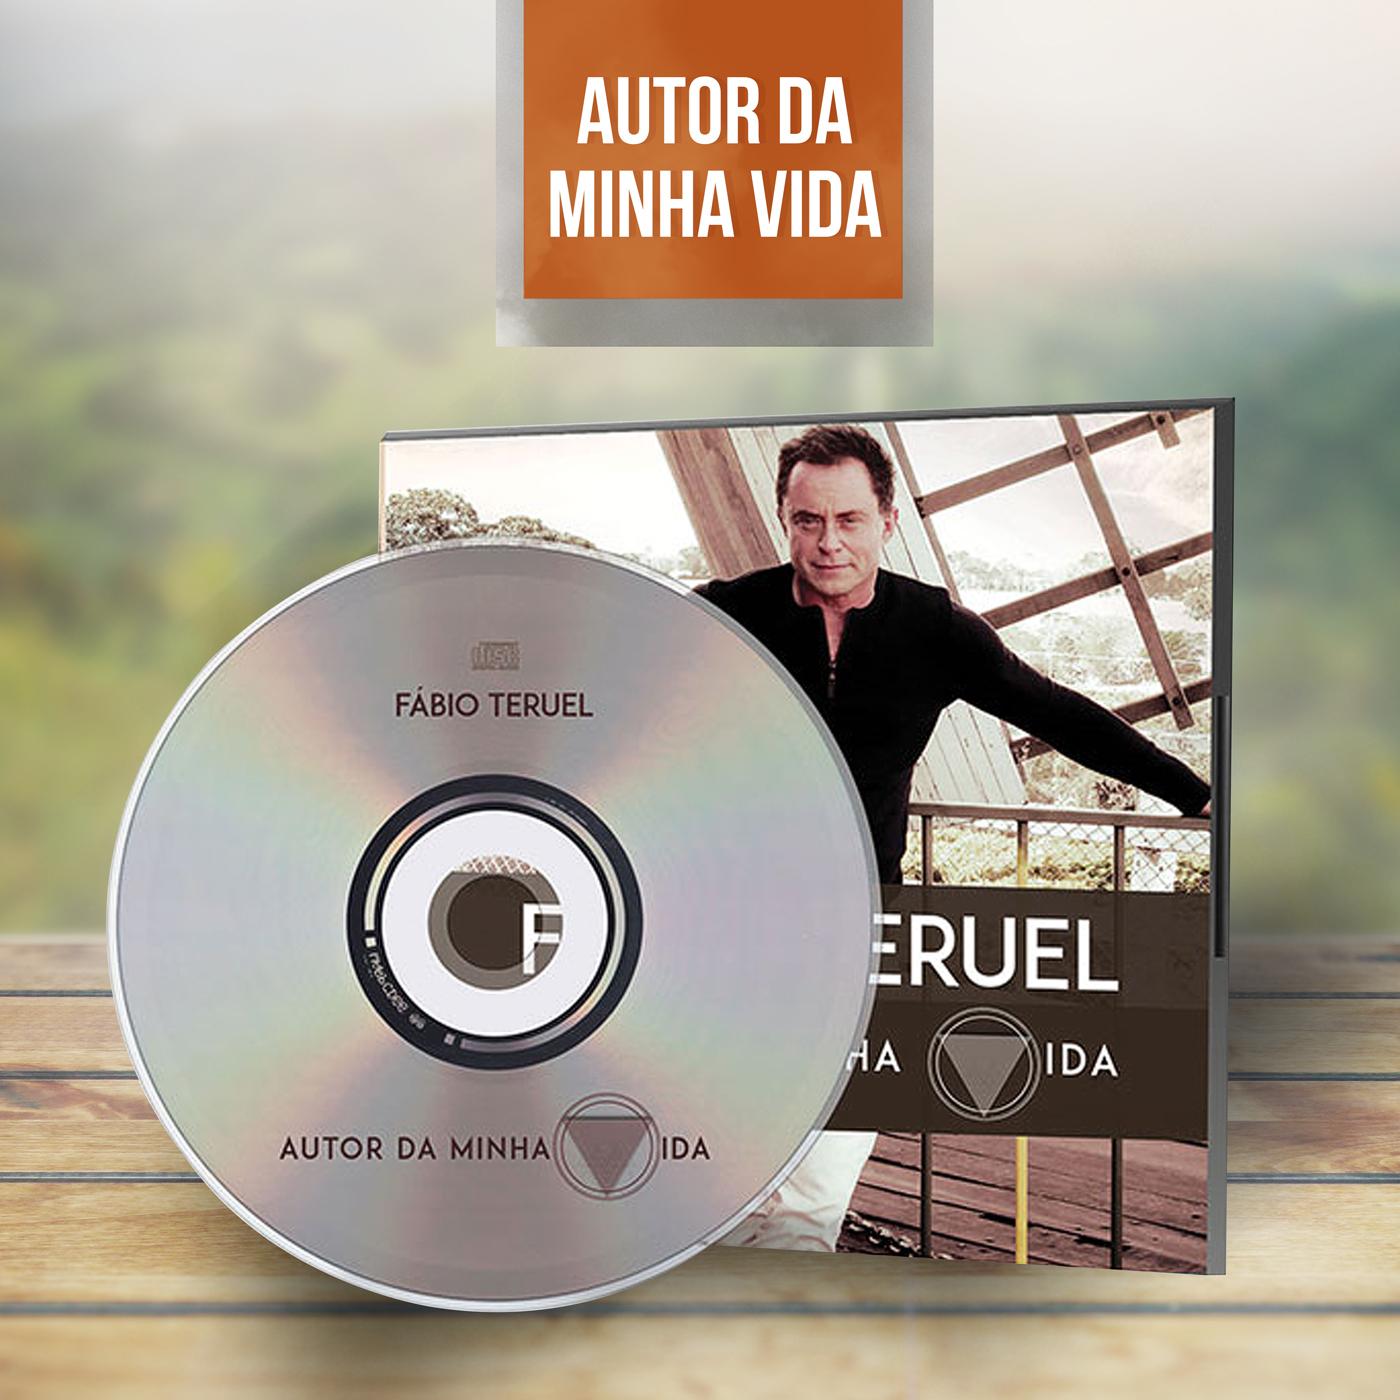 CD - Autor da Minha Vida - Fábio Teruel